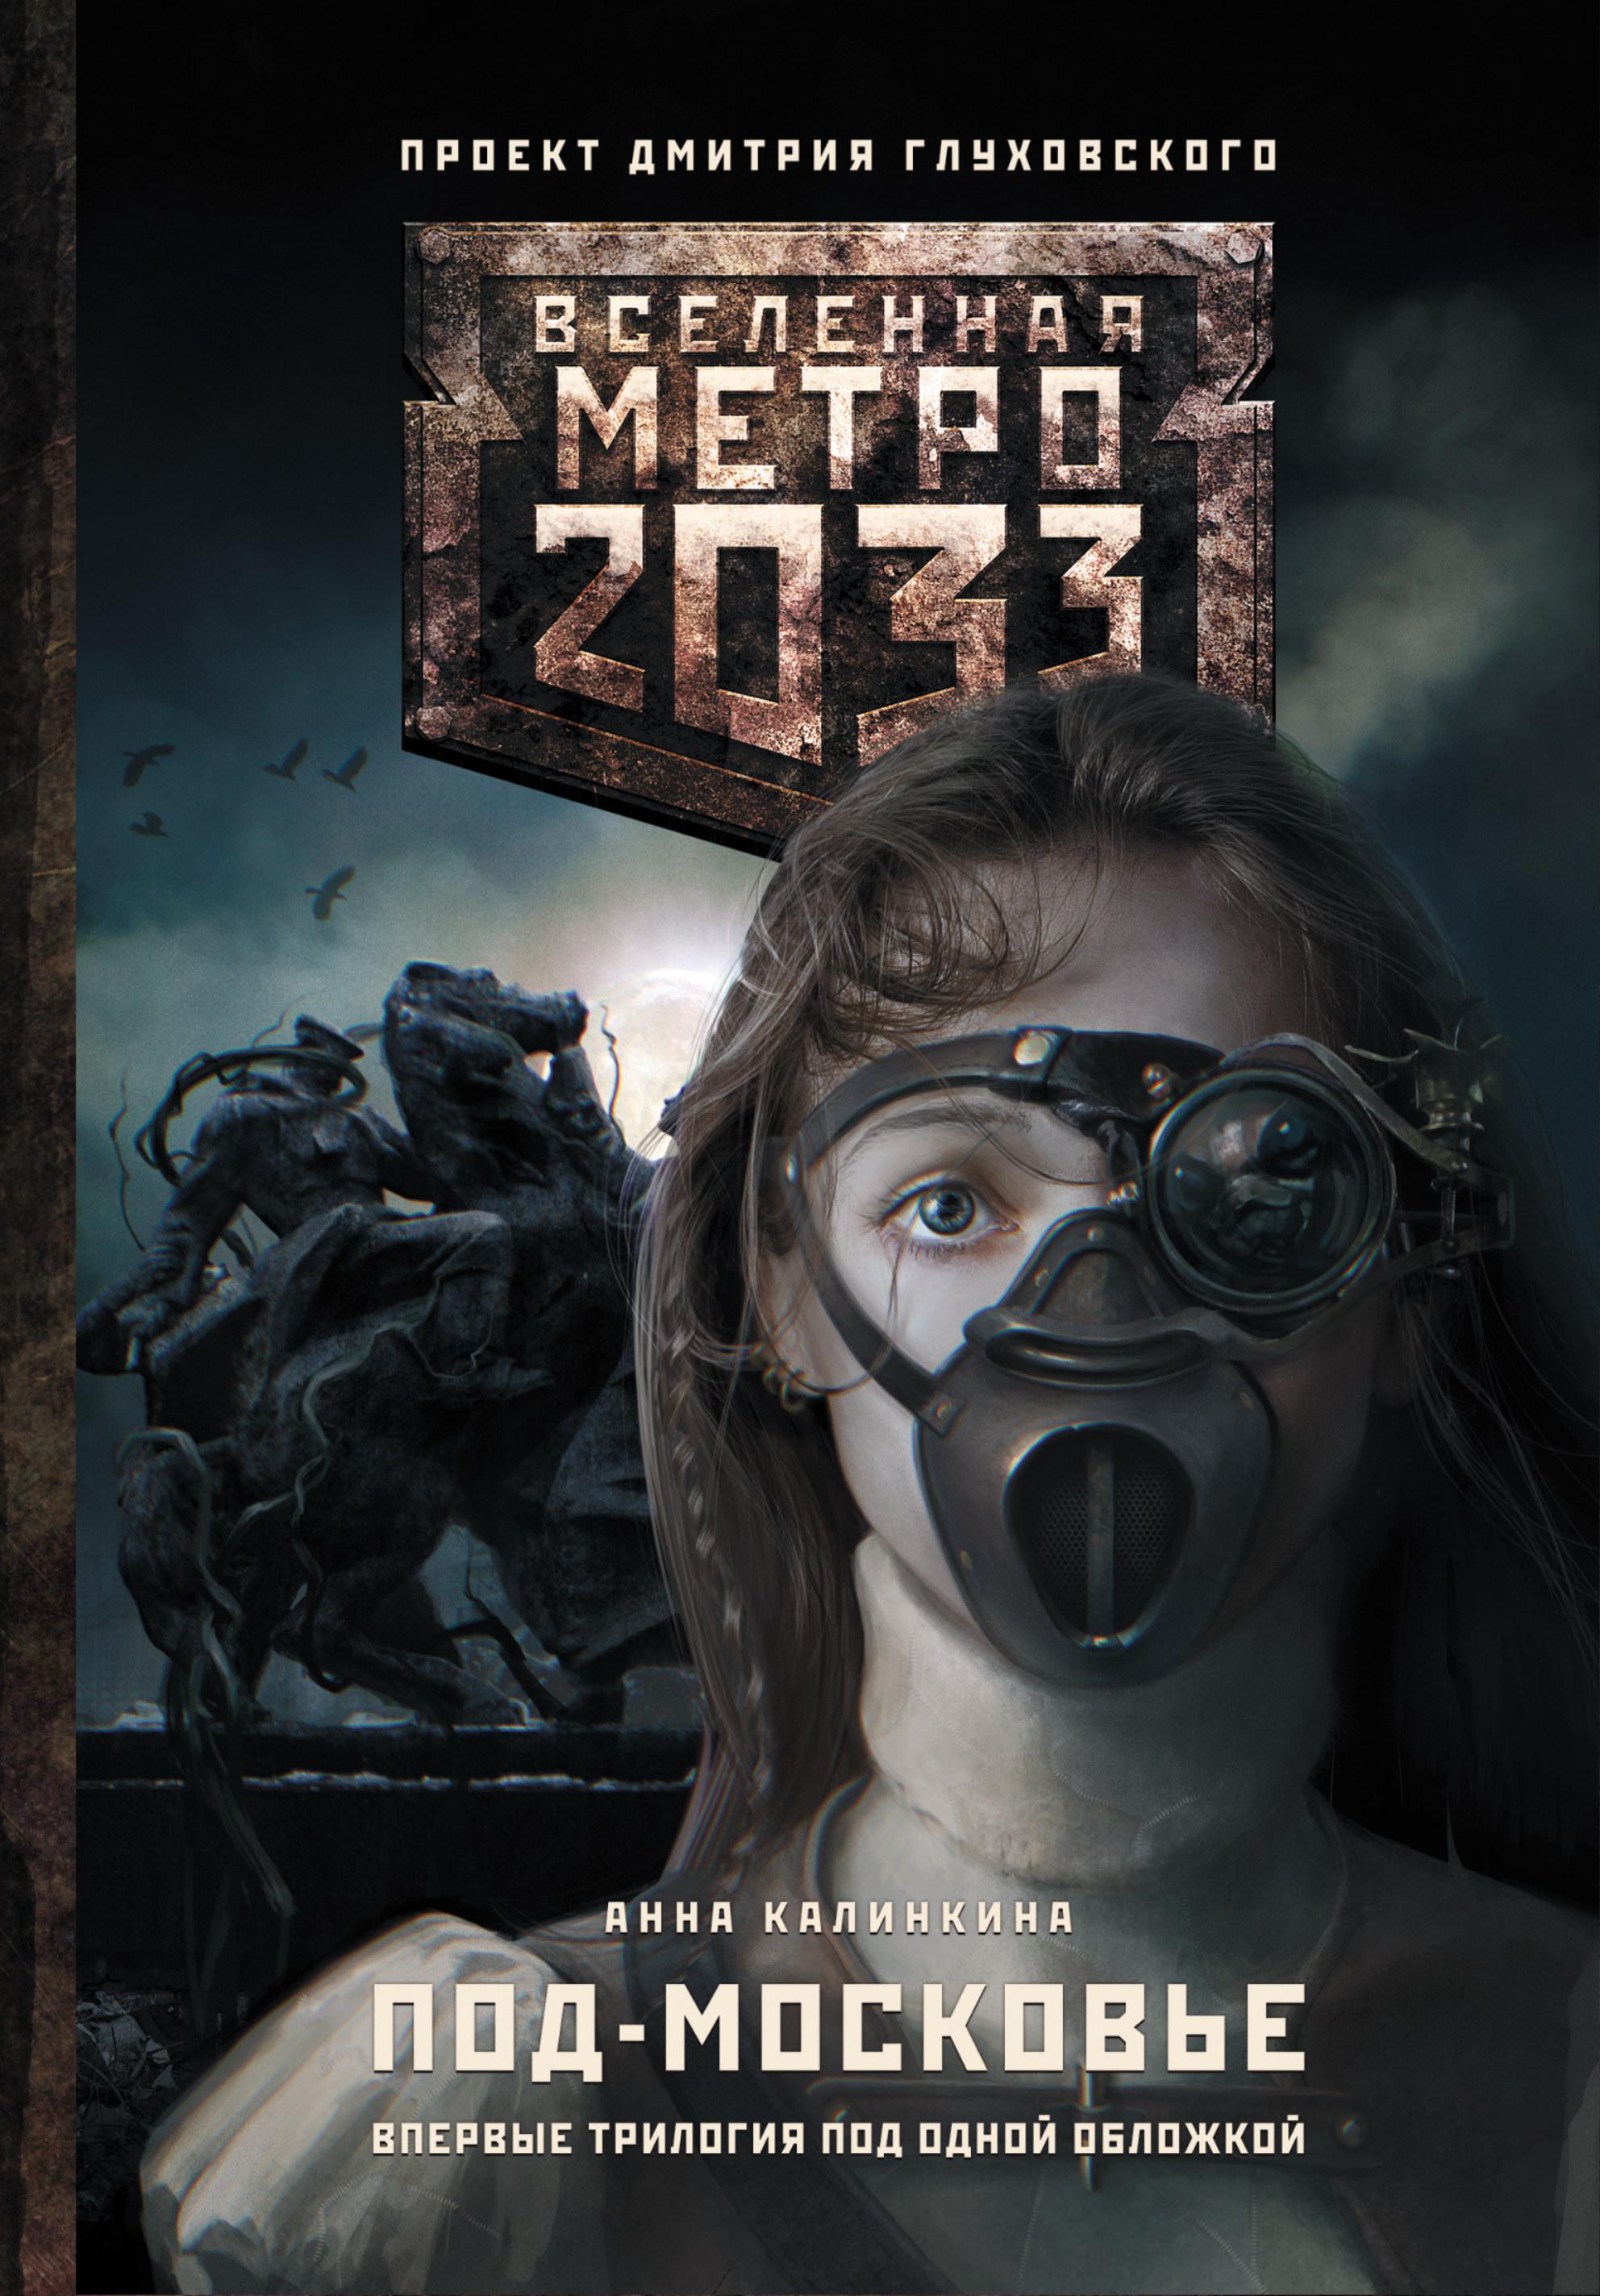 Анна Калинкина Метро 2033: Под-Московье (сборник) цена